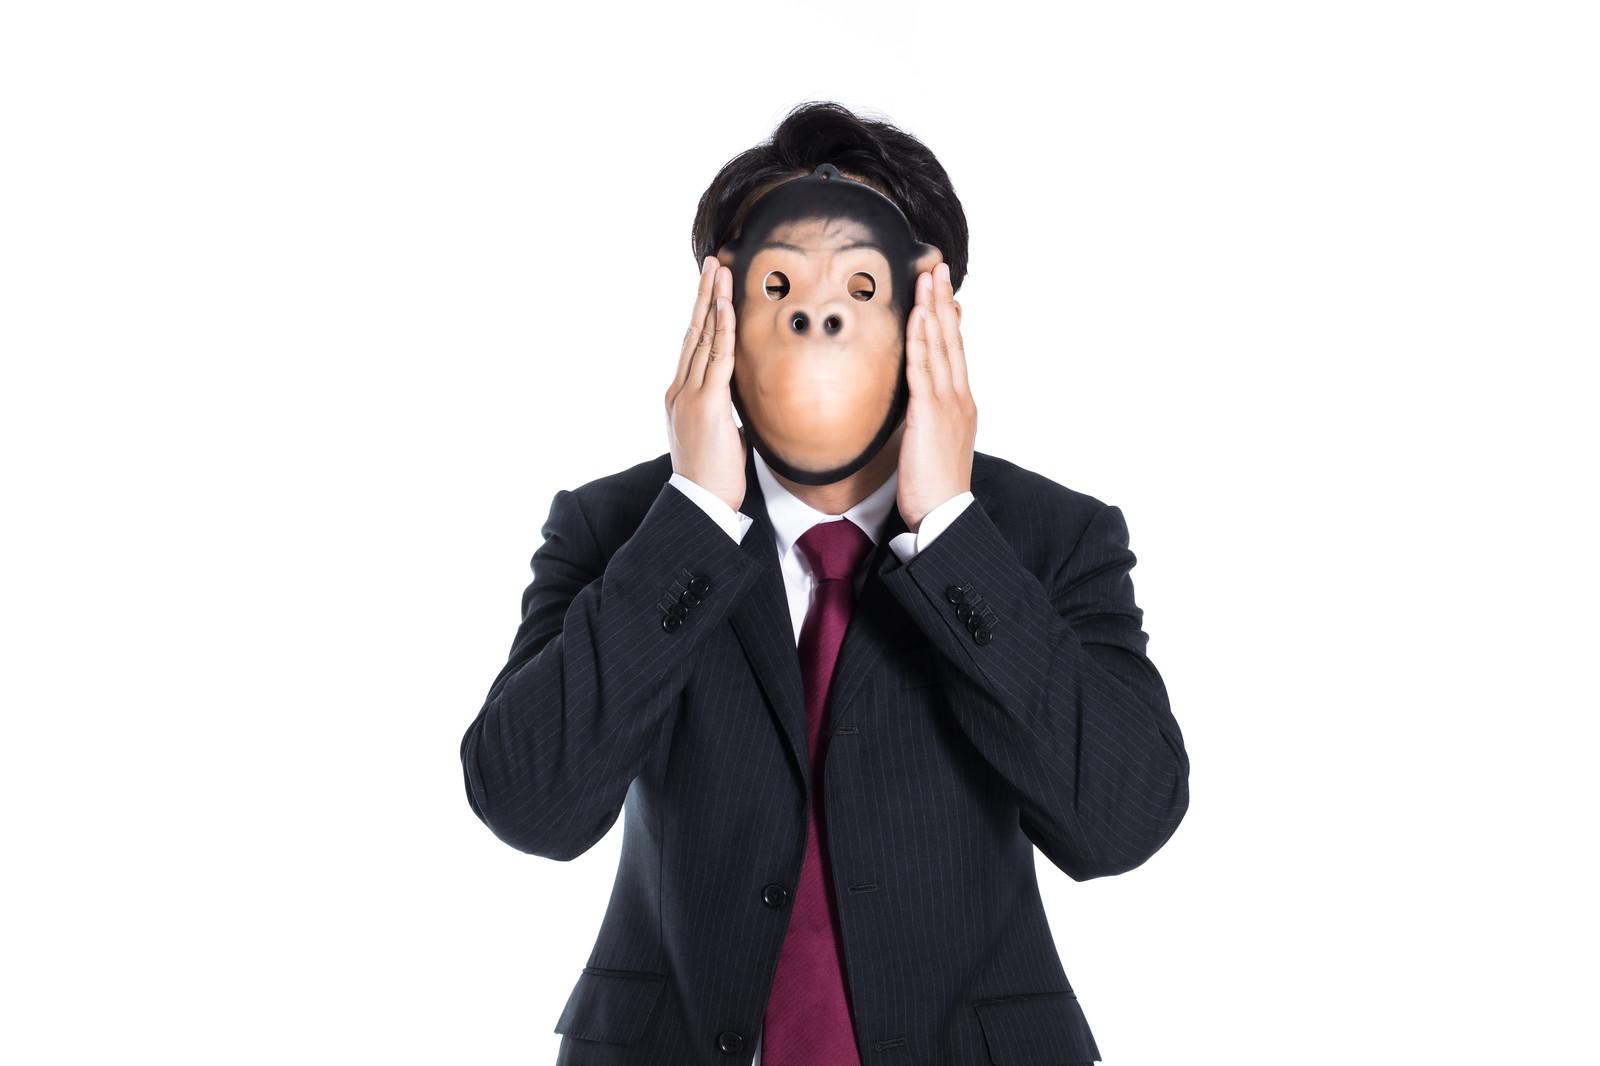 夫婦別生 マスク ゴリラ 仮面